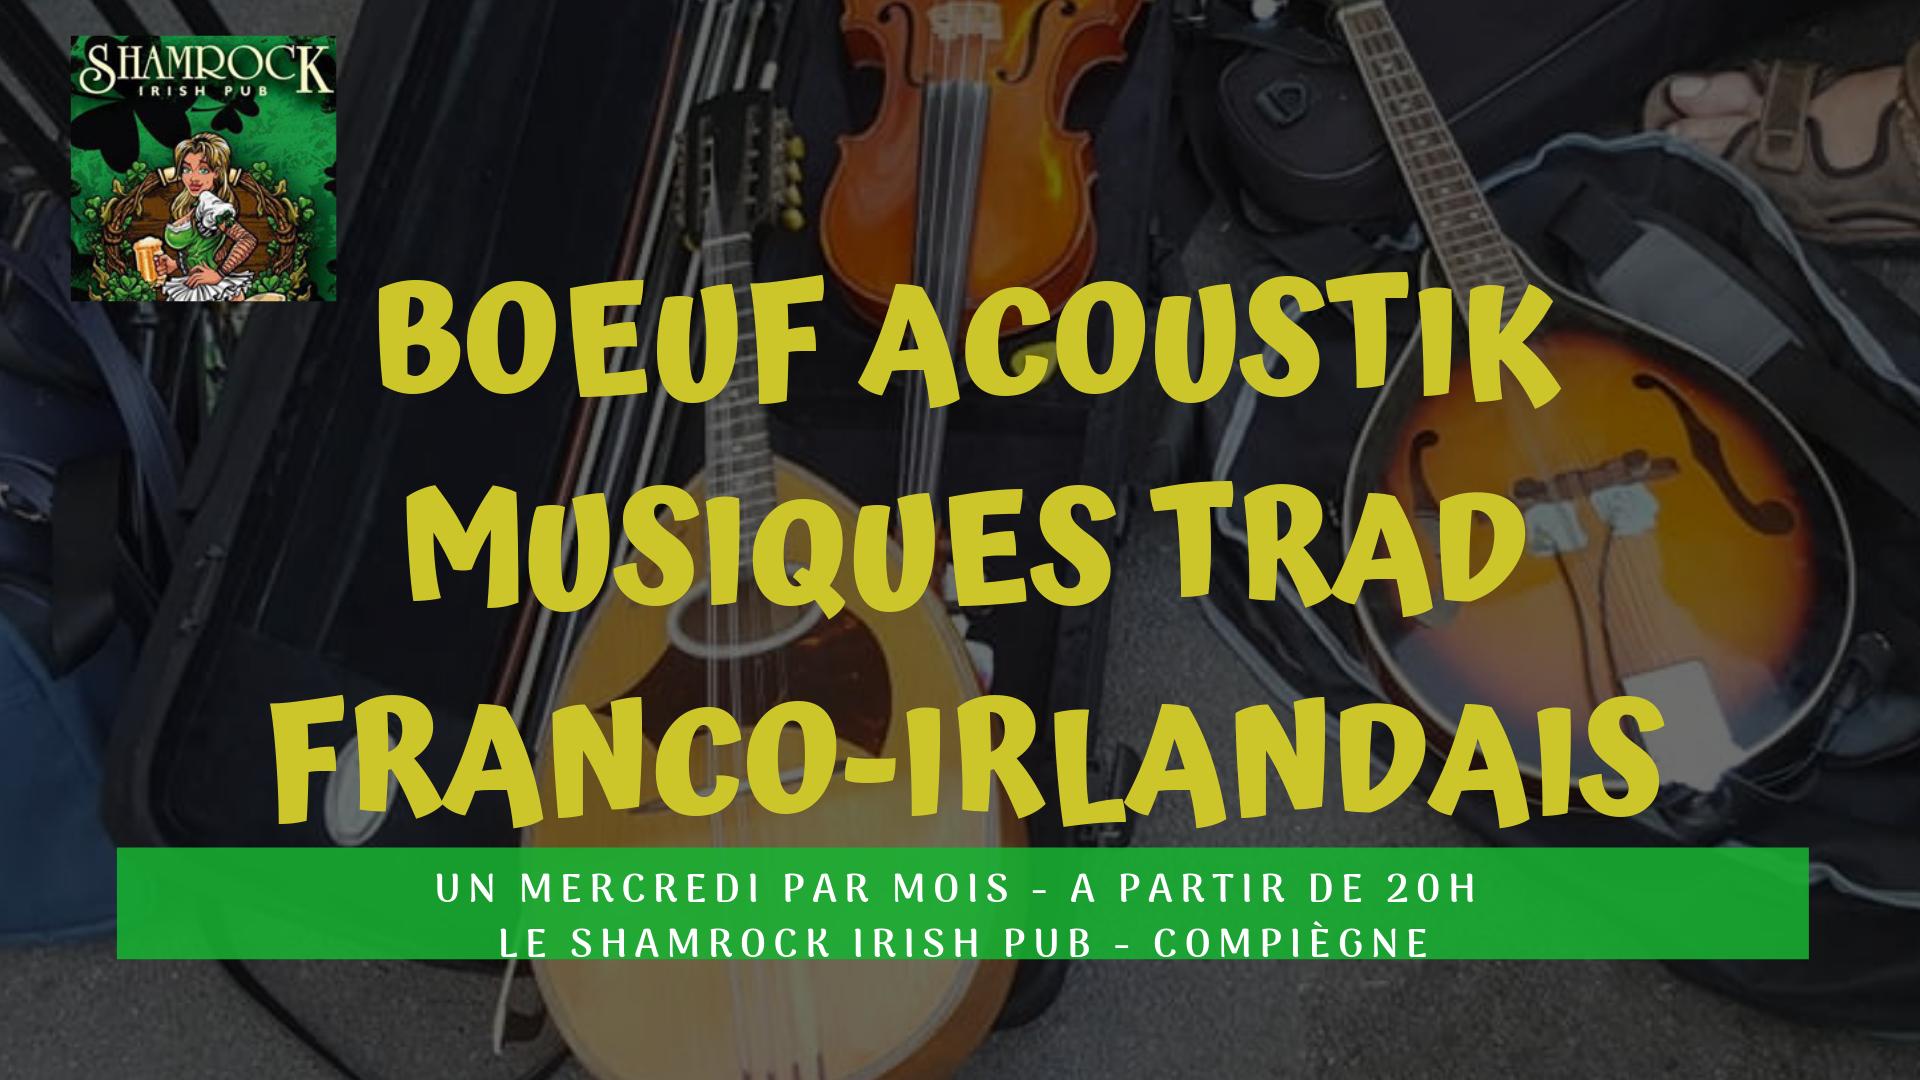 Affiche Musique traditionnelle bœuf Trad Accoustik à Compiègne